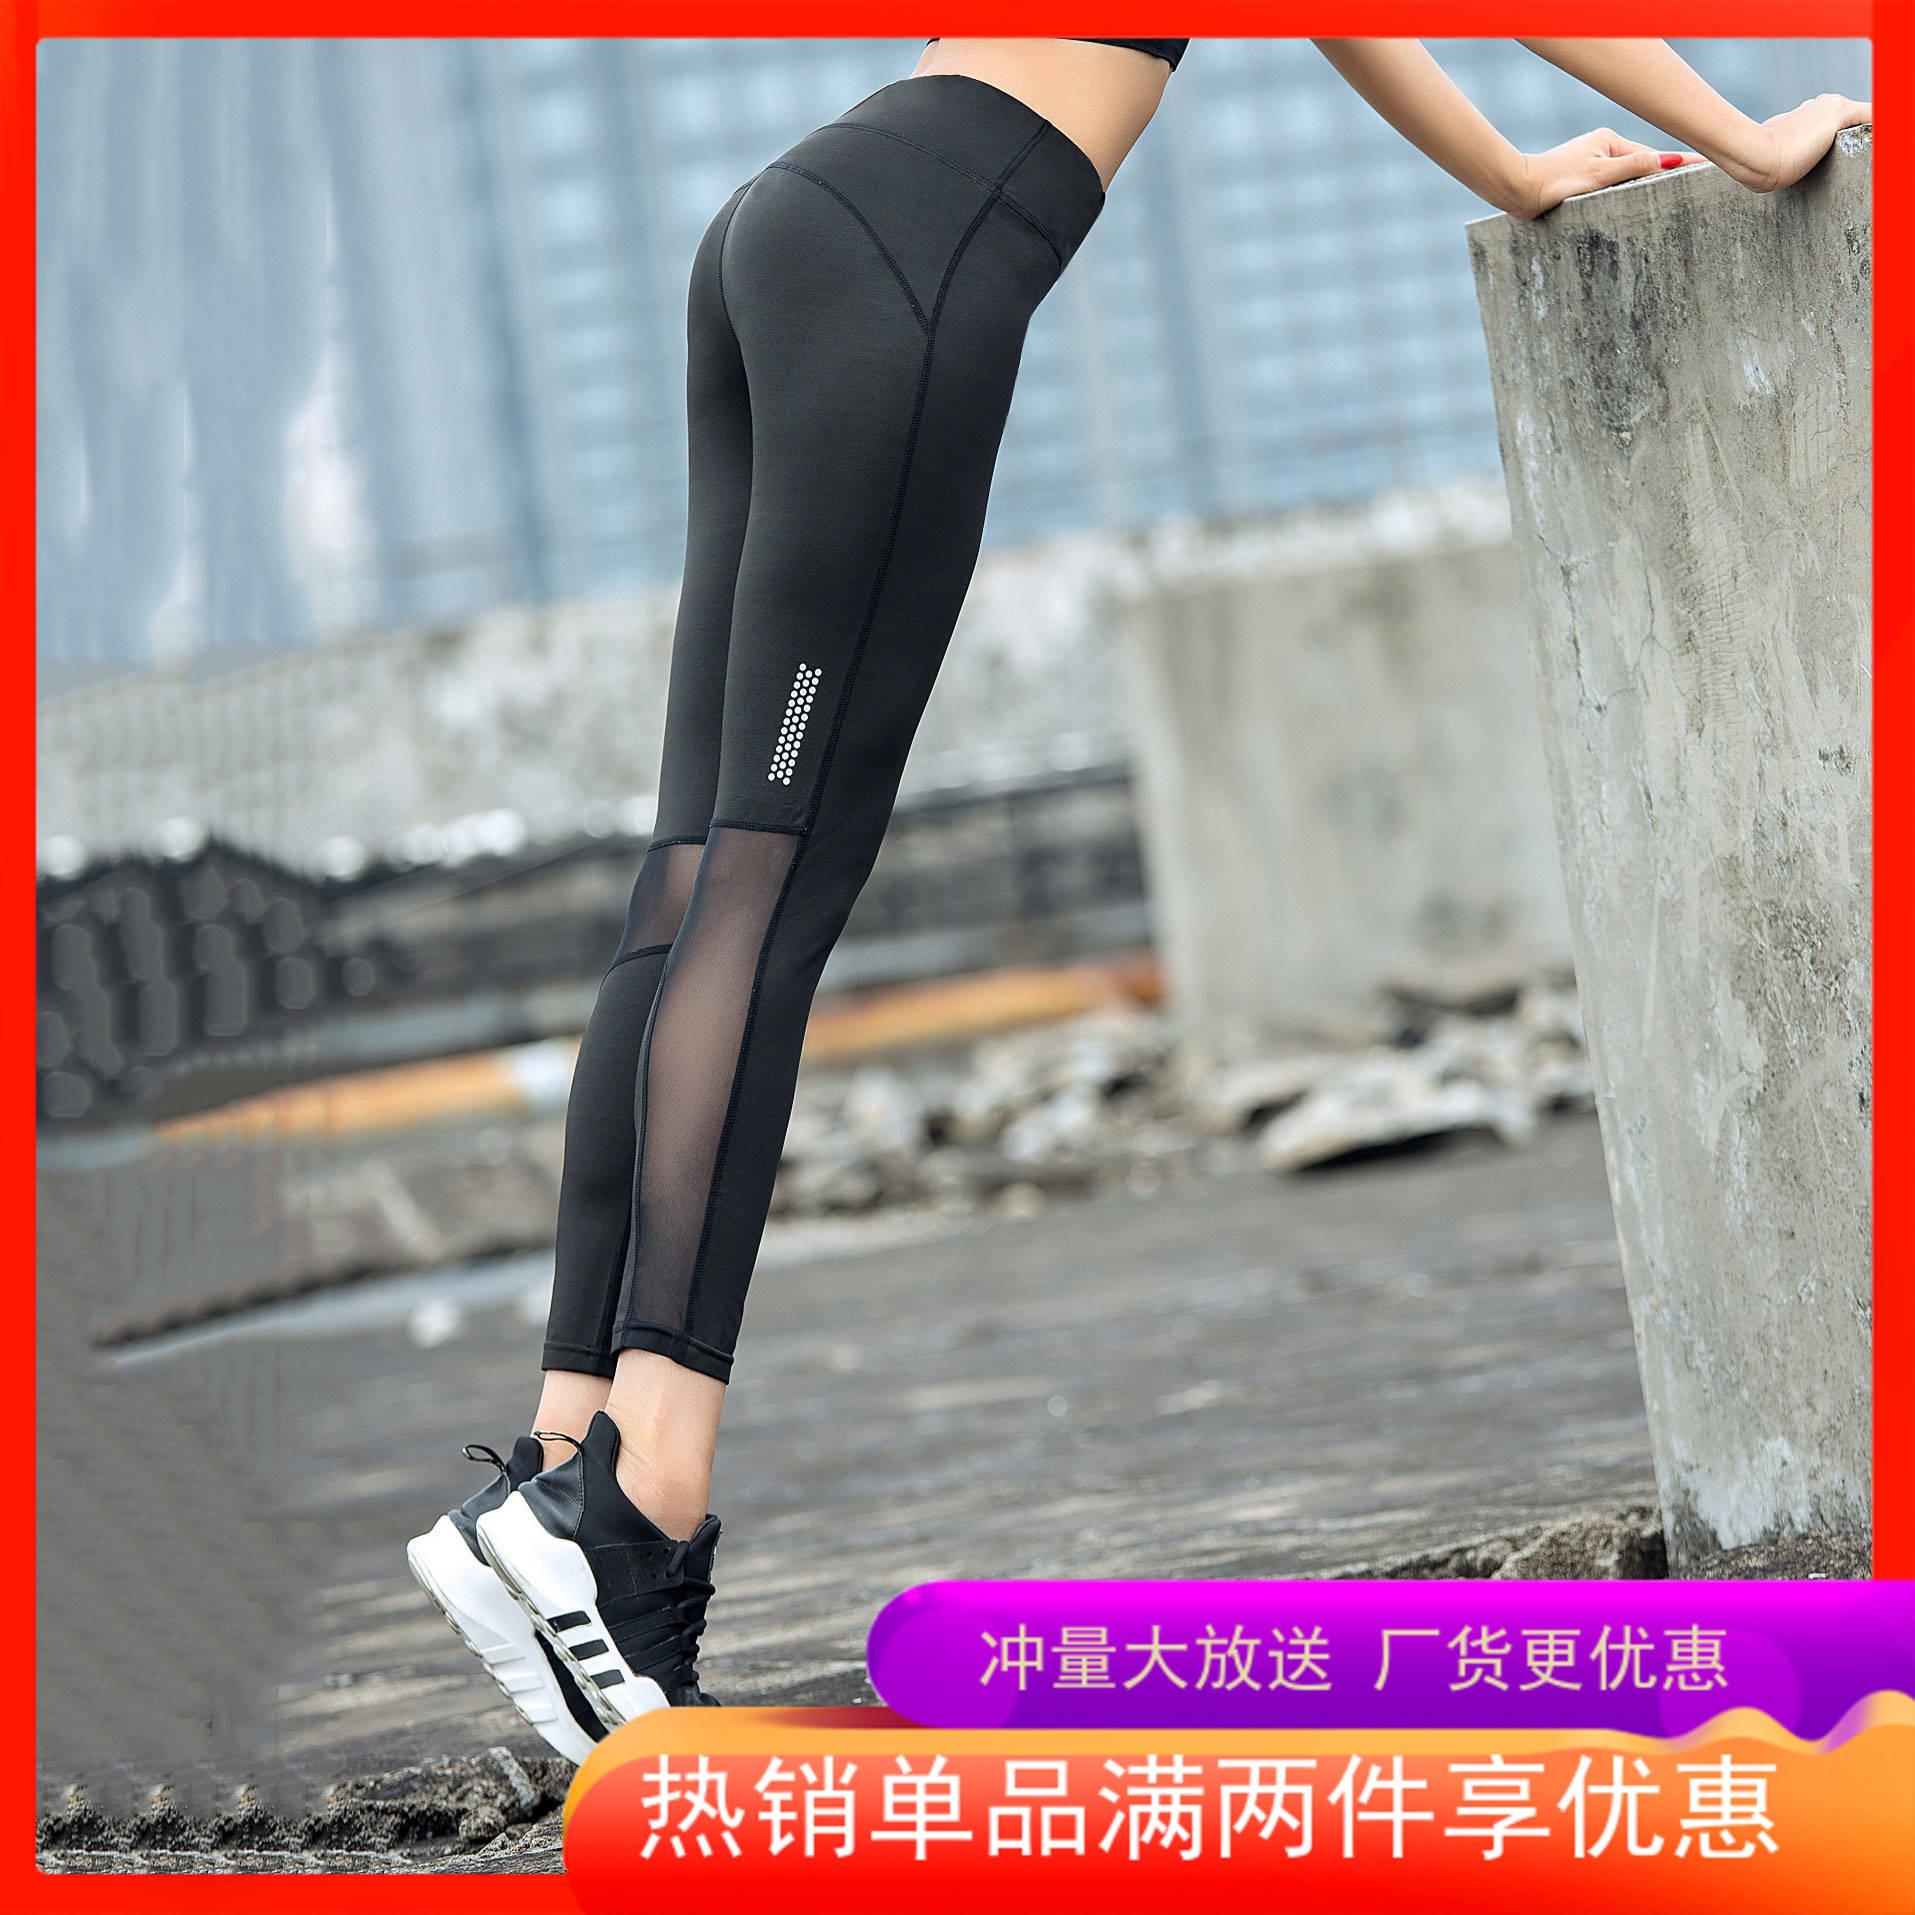 户外健身功能性瑜珈裤高腰提臀女九分裤网纱外穿跑步速干紧身运动